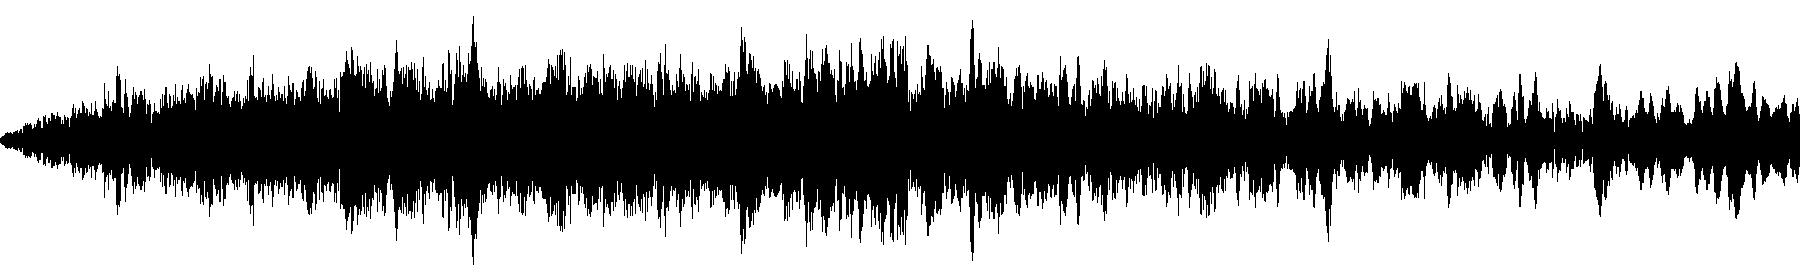 vfx1 atmos 16